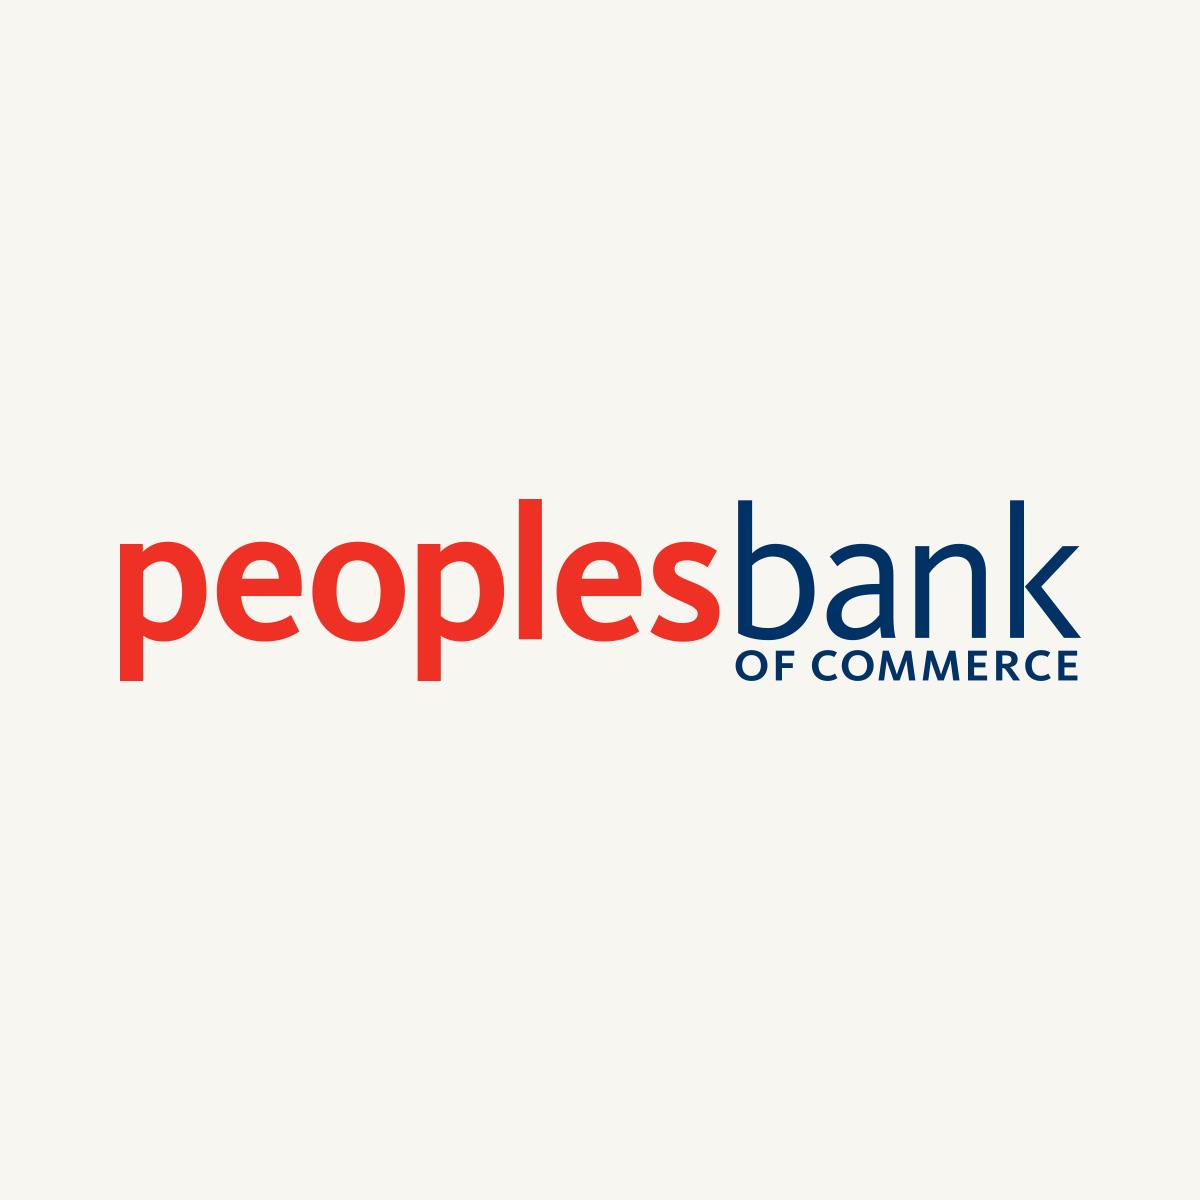 Peoples_Bank.jpg